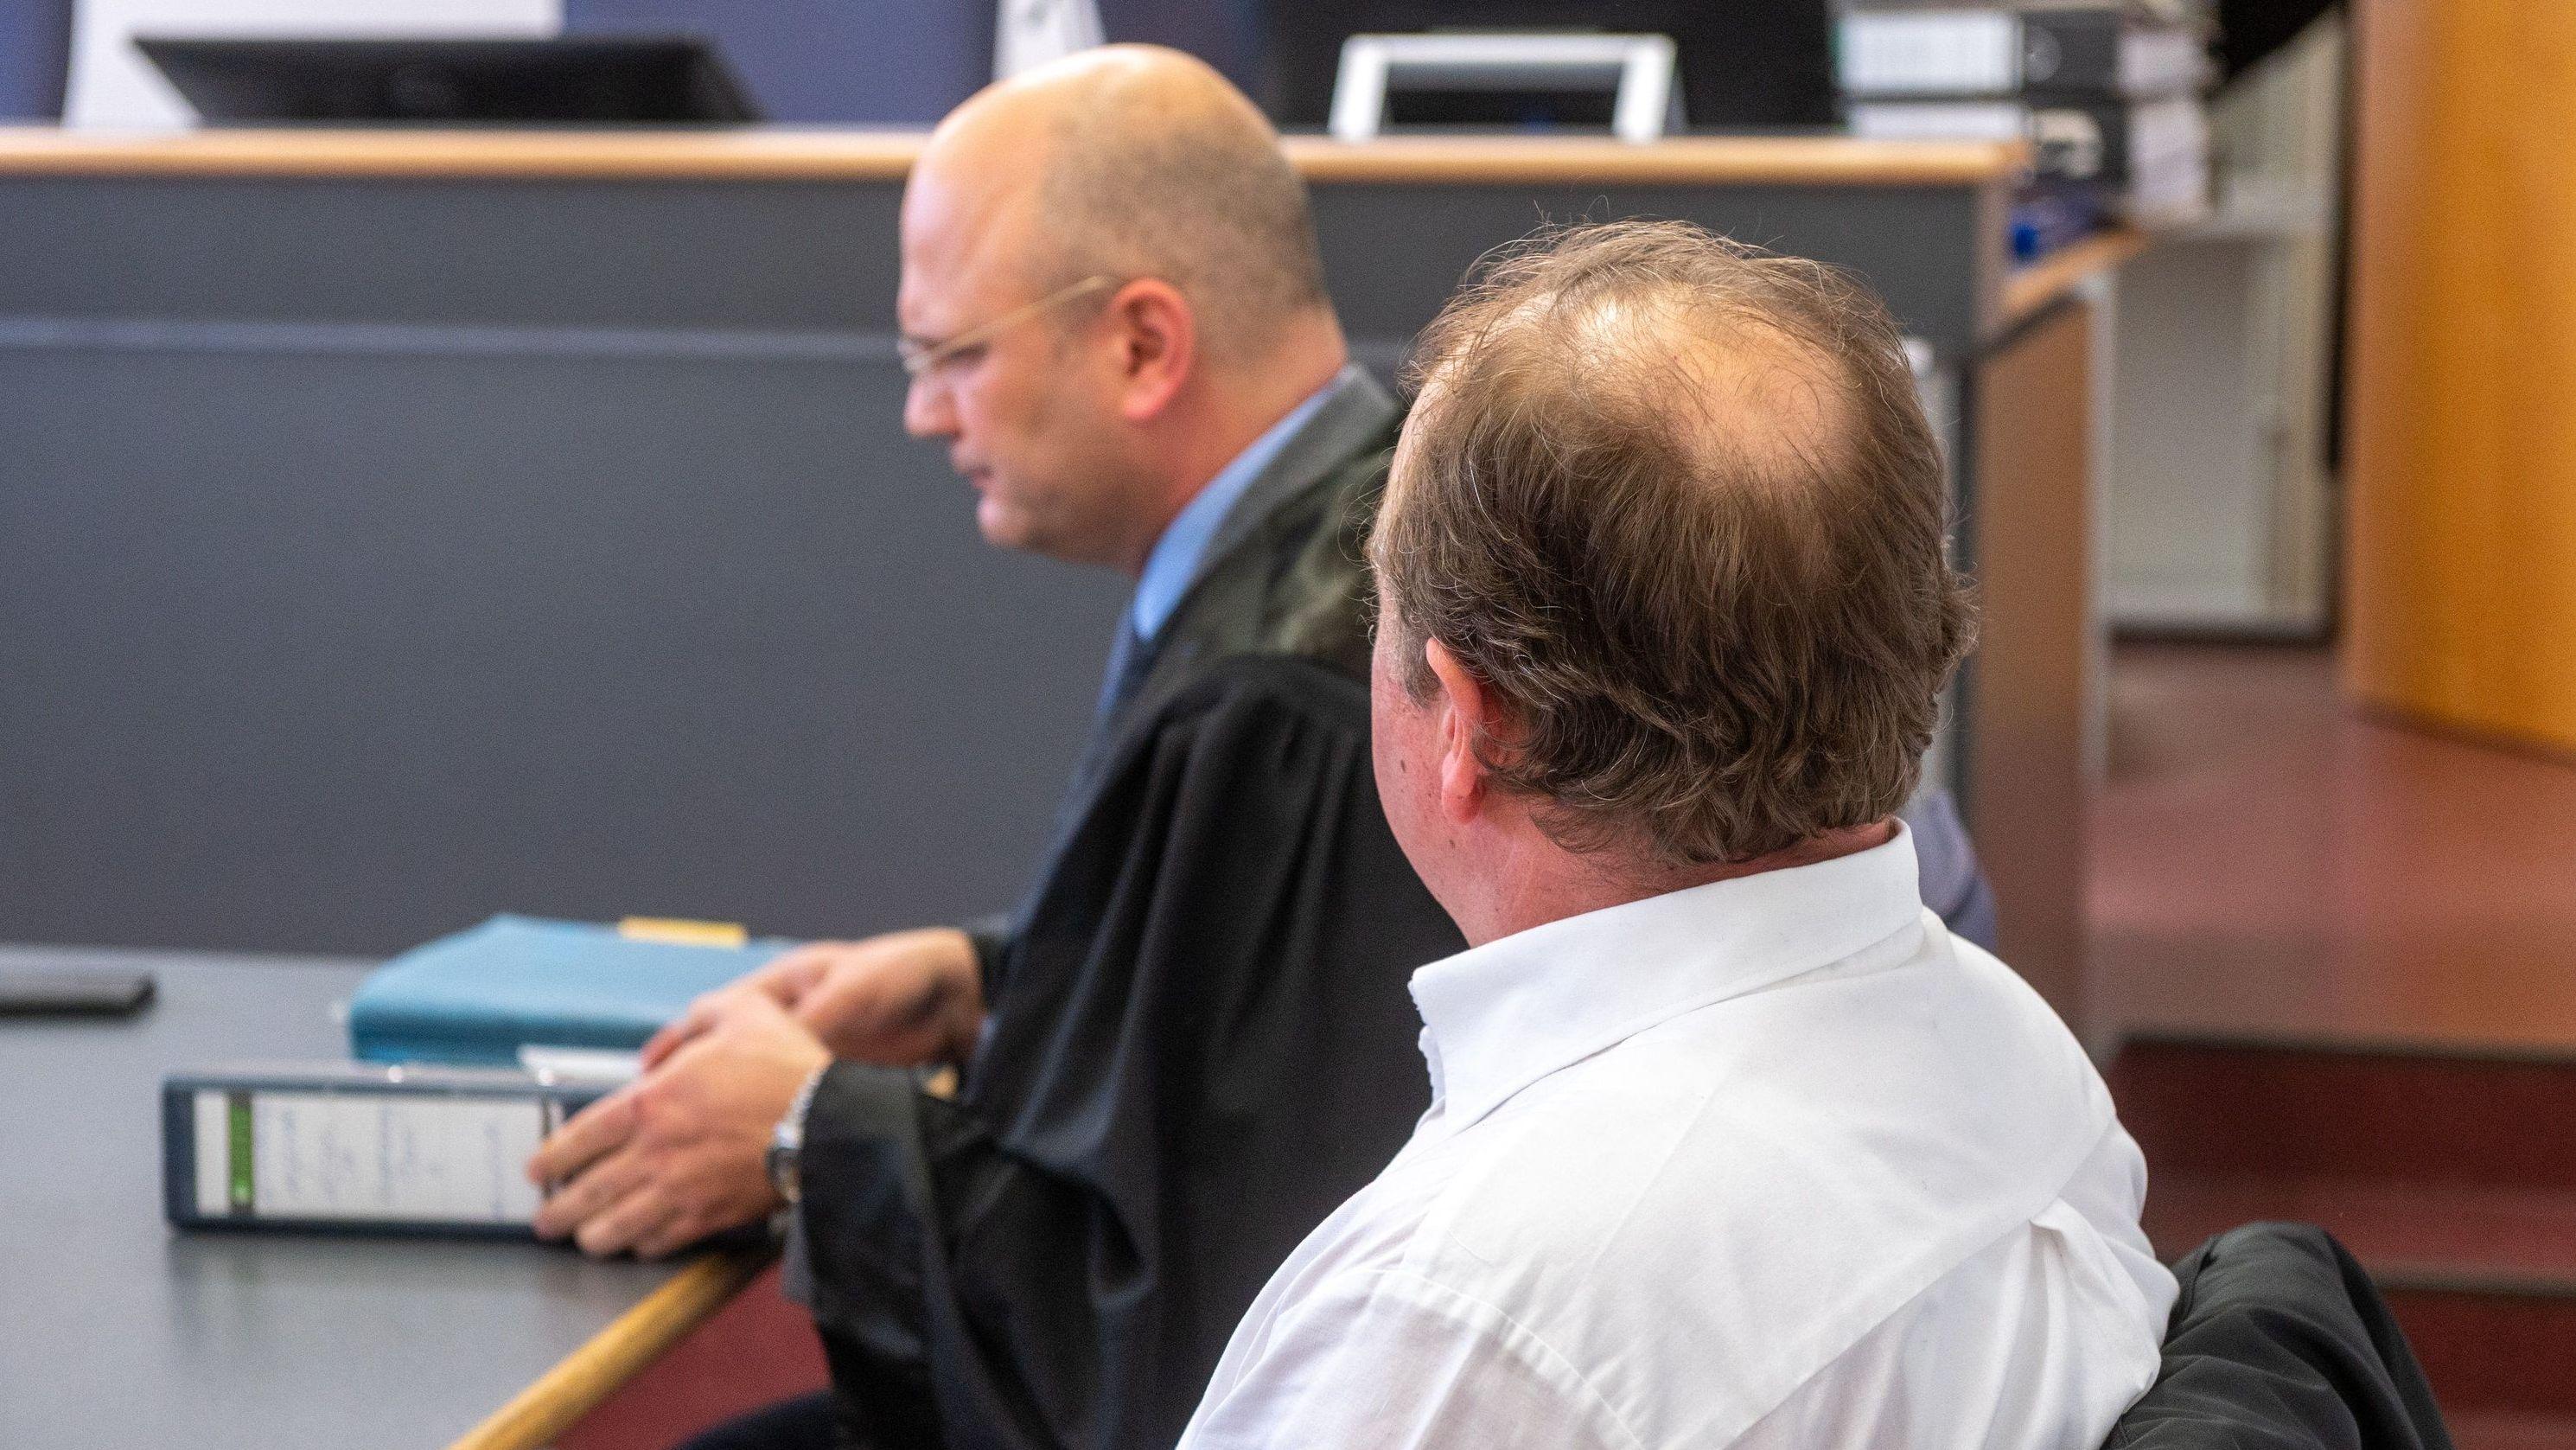 Keine Verurteilung wegen Luchstötung: Angeklagter mit Anwalt.